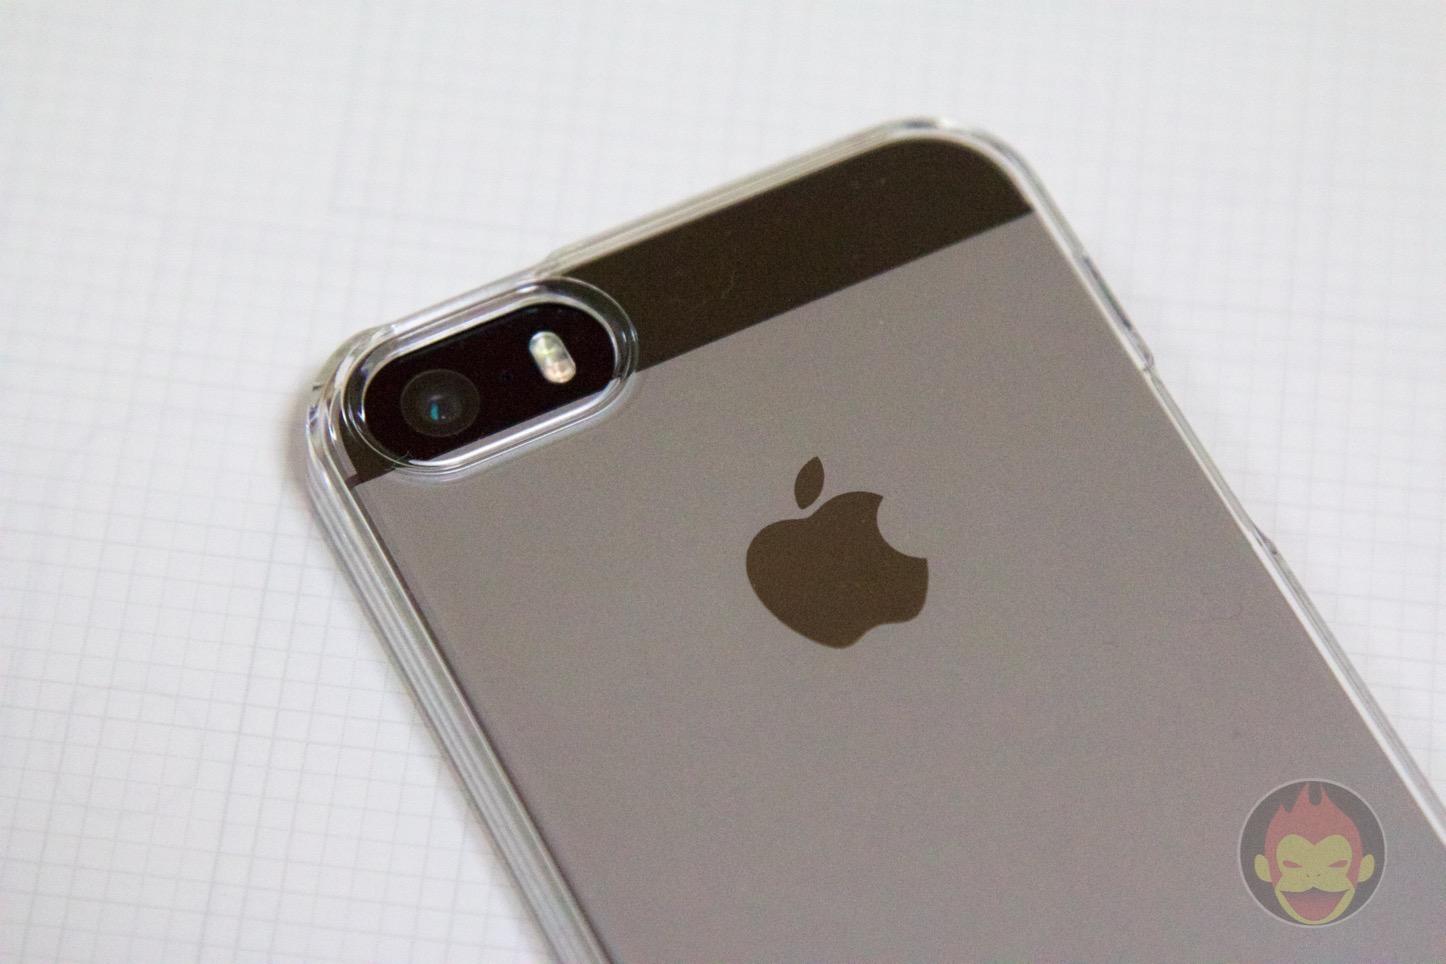 Spigen-Thin-Fit-iPhone-SE-Case-05.jpg